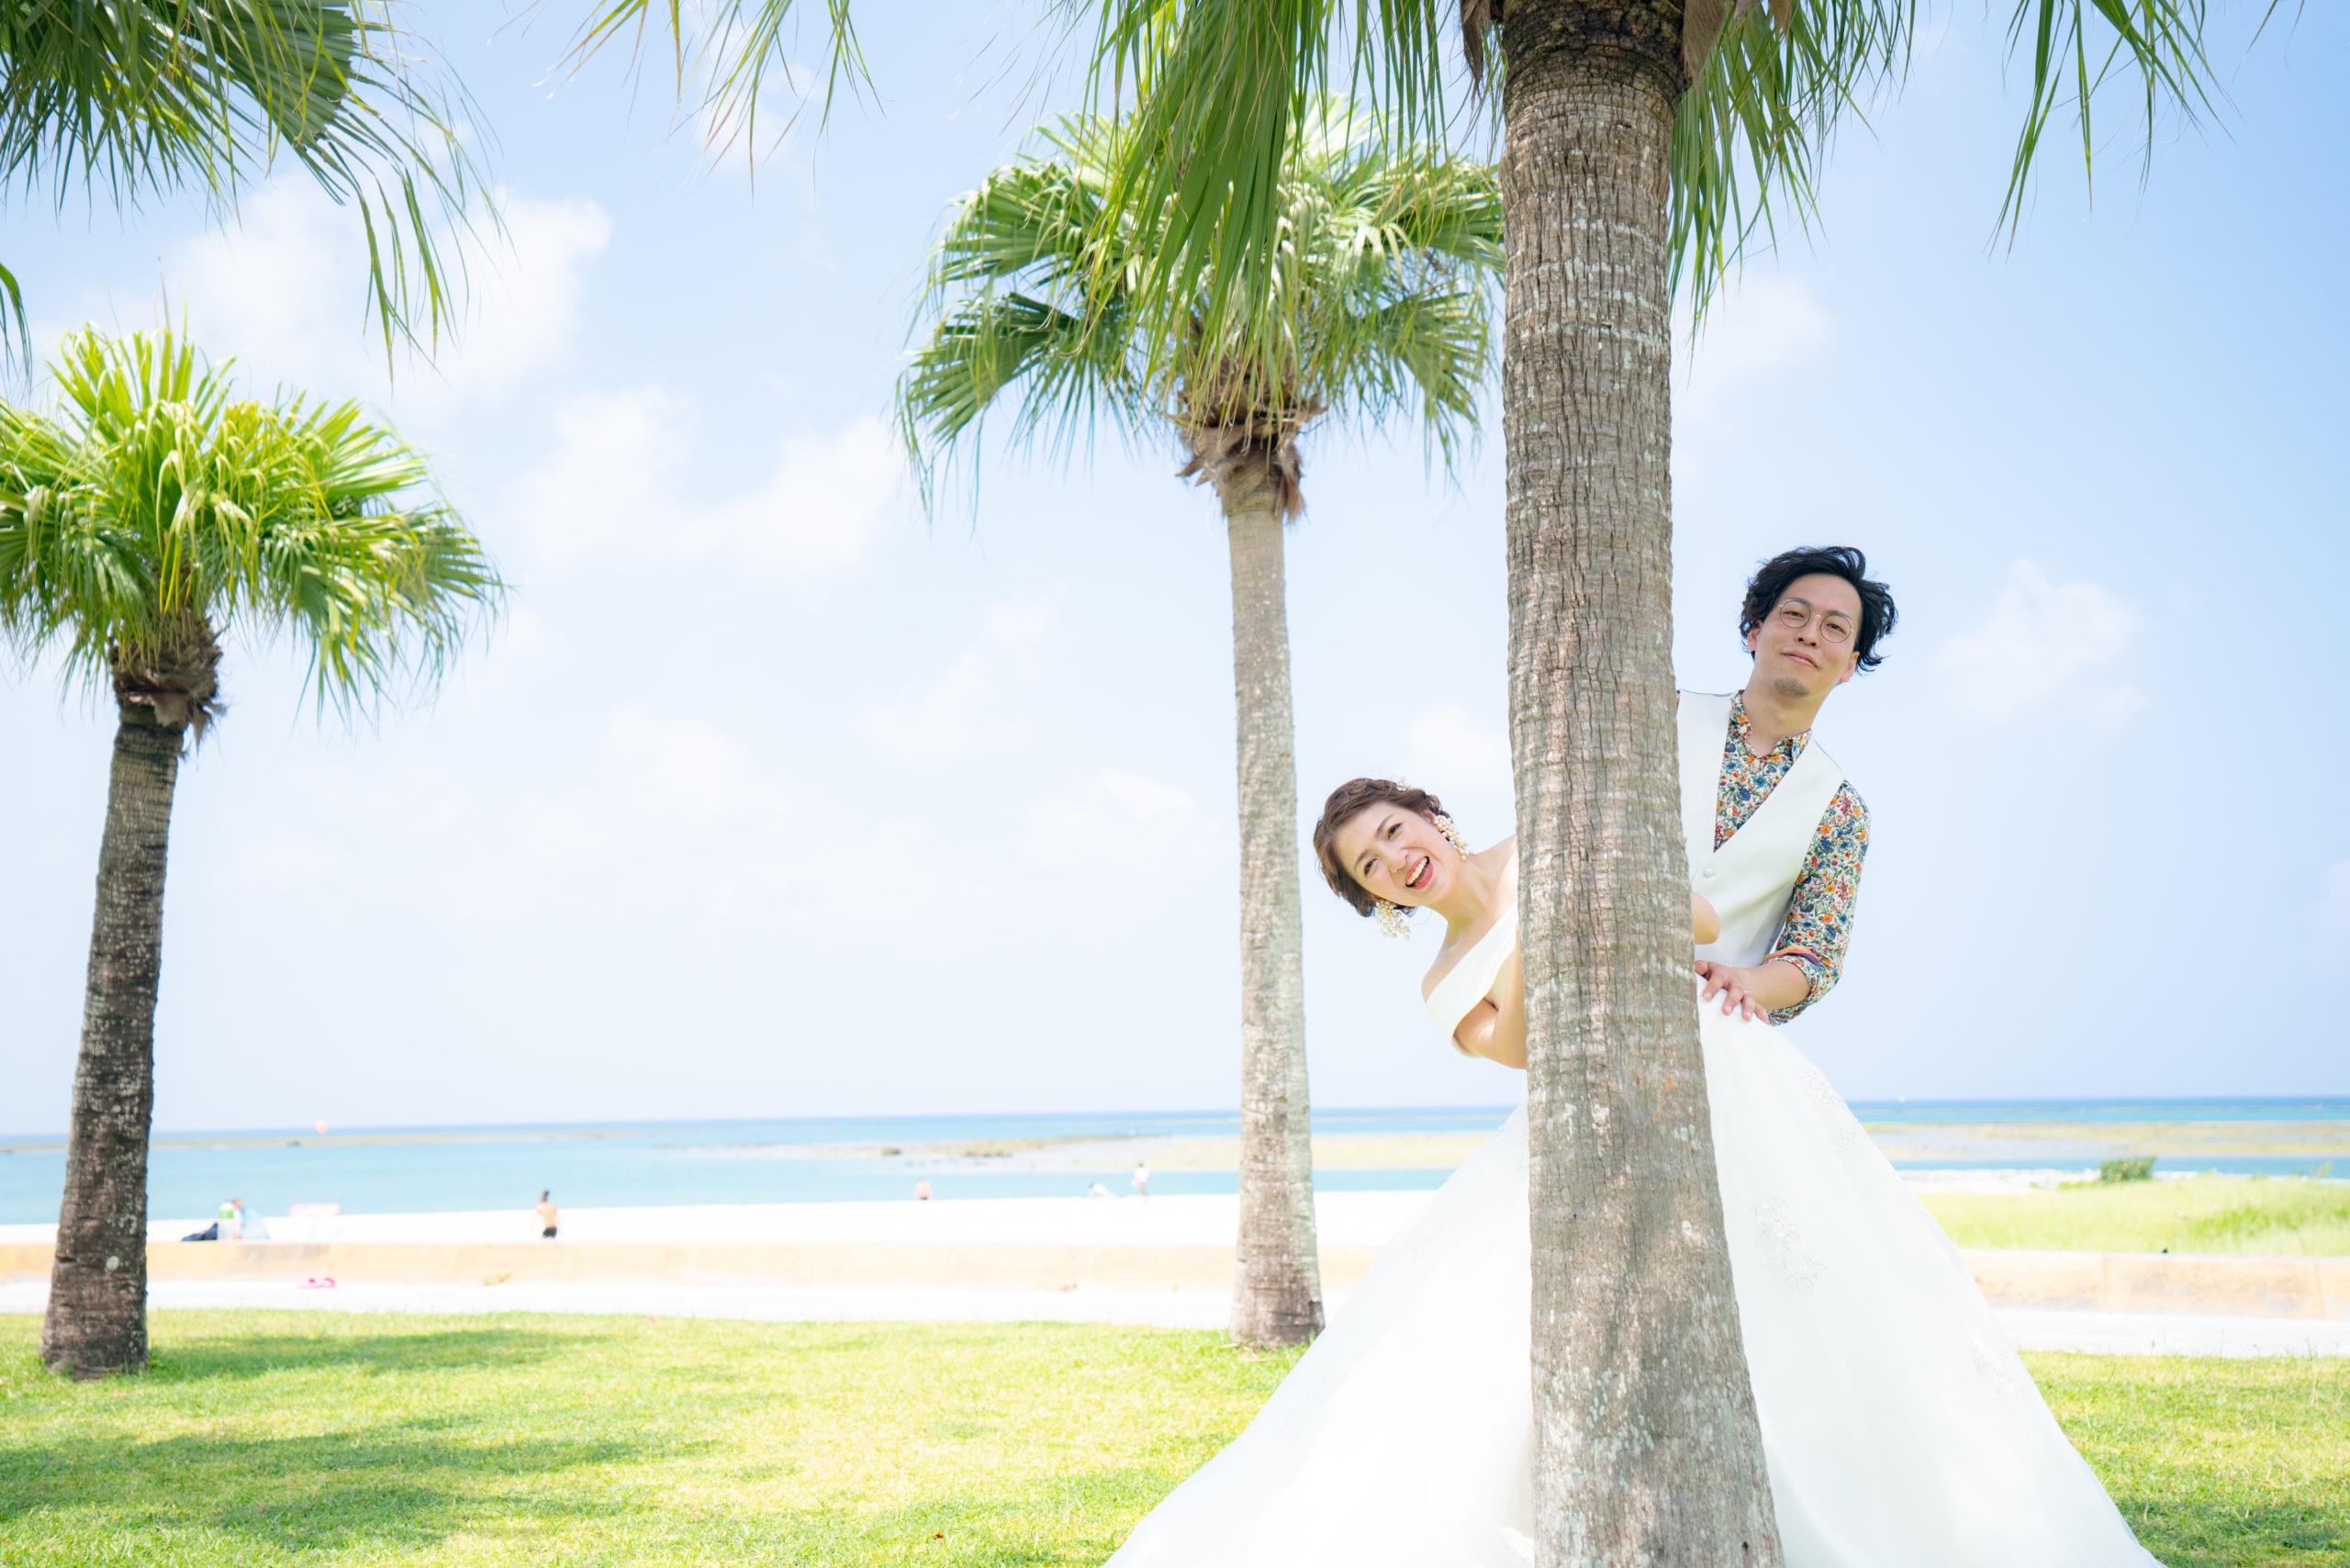 フォトウェディング,沖縄,ロケ,海